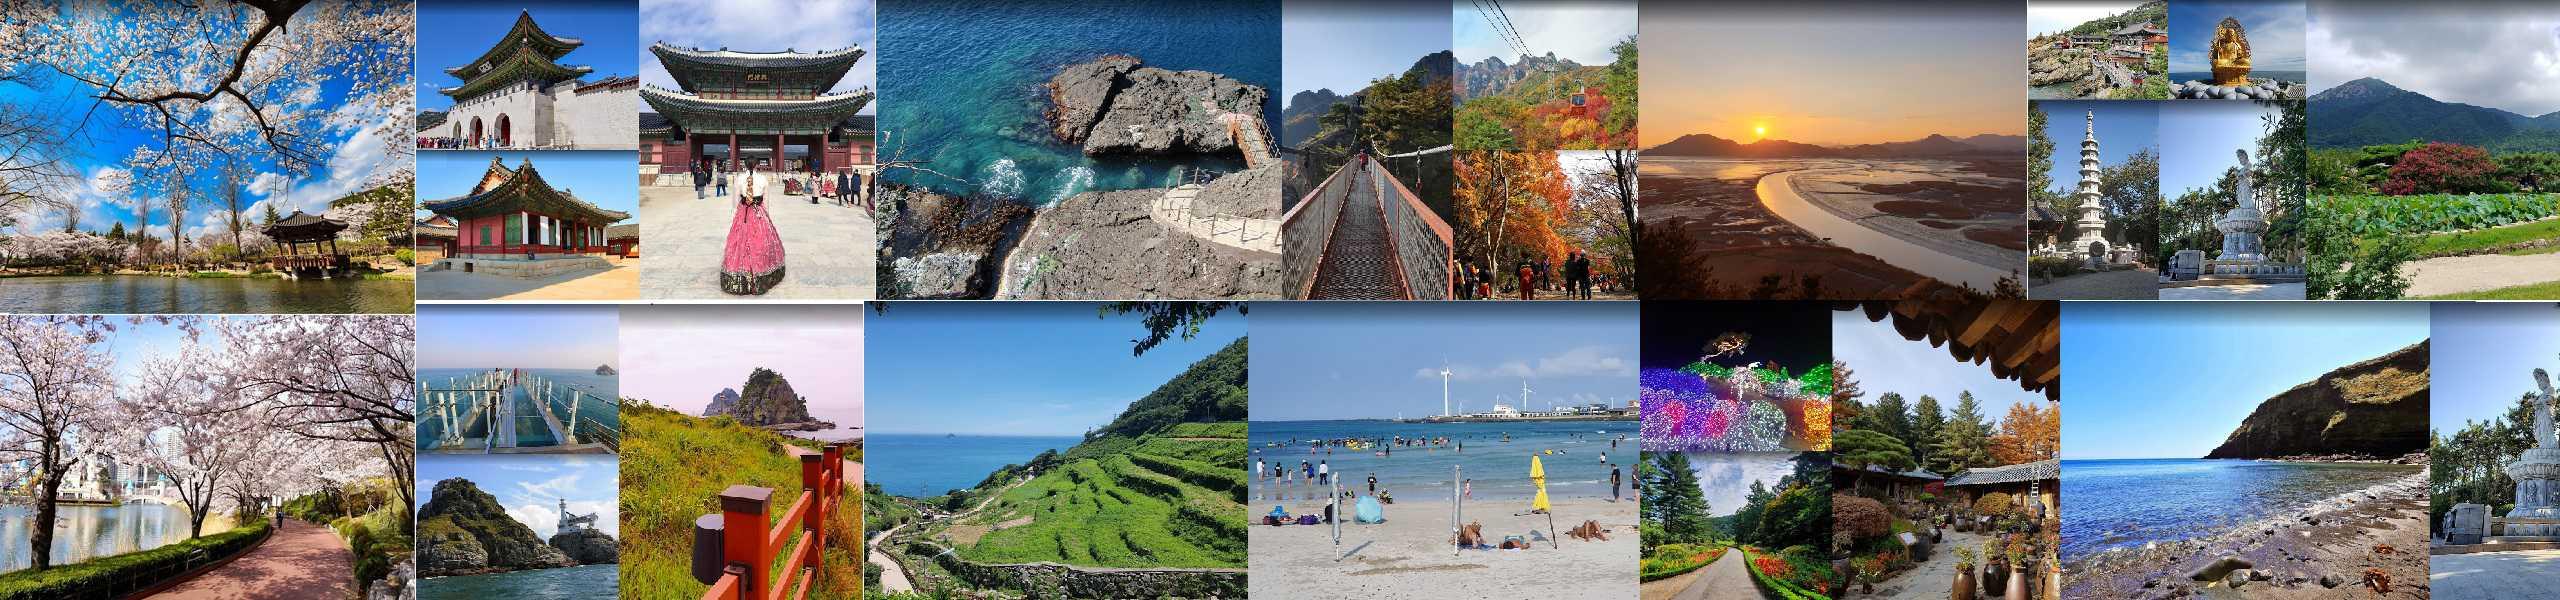 Tổng hợp địa điểm du lịch nổi tiếng Hàn Quốc